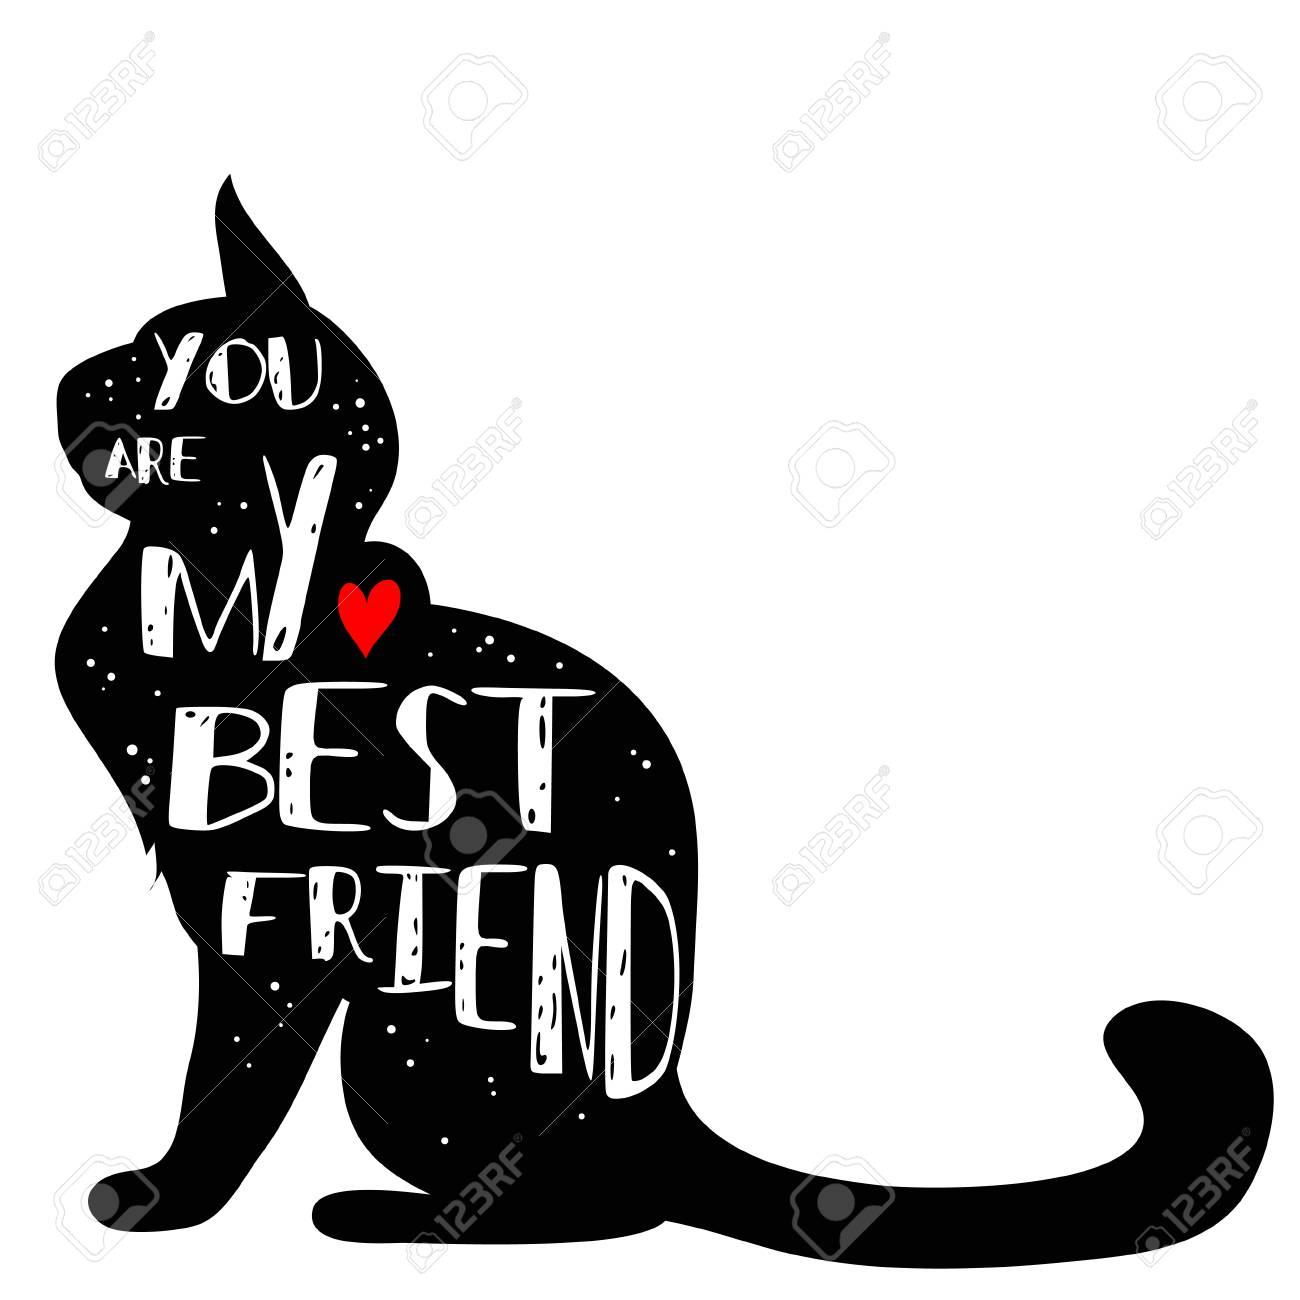 Mão Desenhada Cartaz Tipográfico Hipster Com Silhueta De Gato E Frase Você é Meu Melhor Amigo Letras Inspiradoras Com Animal De Estimação Imprimir